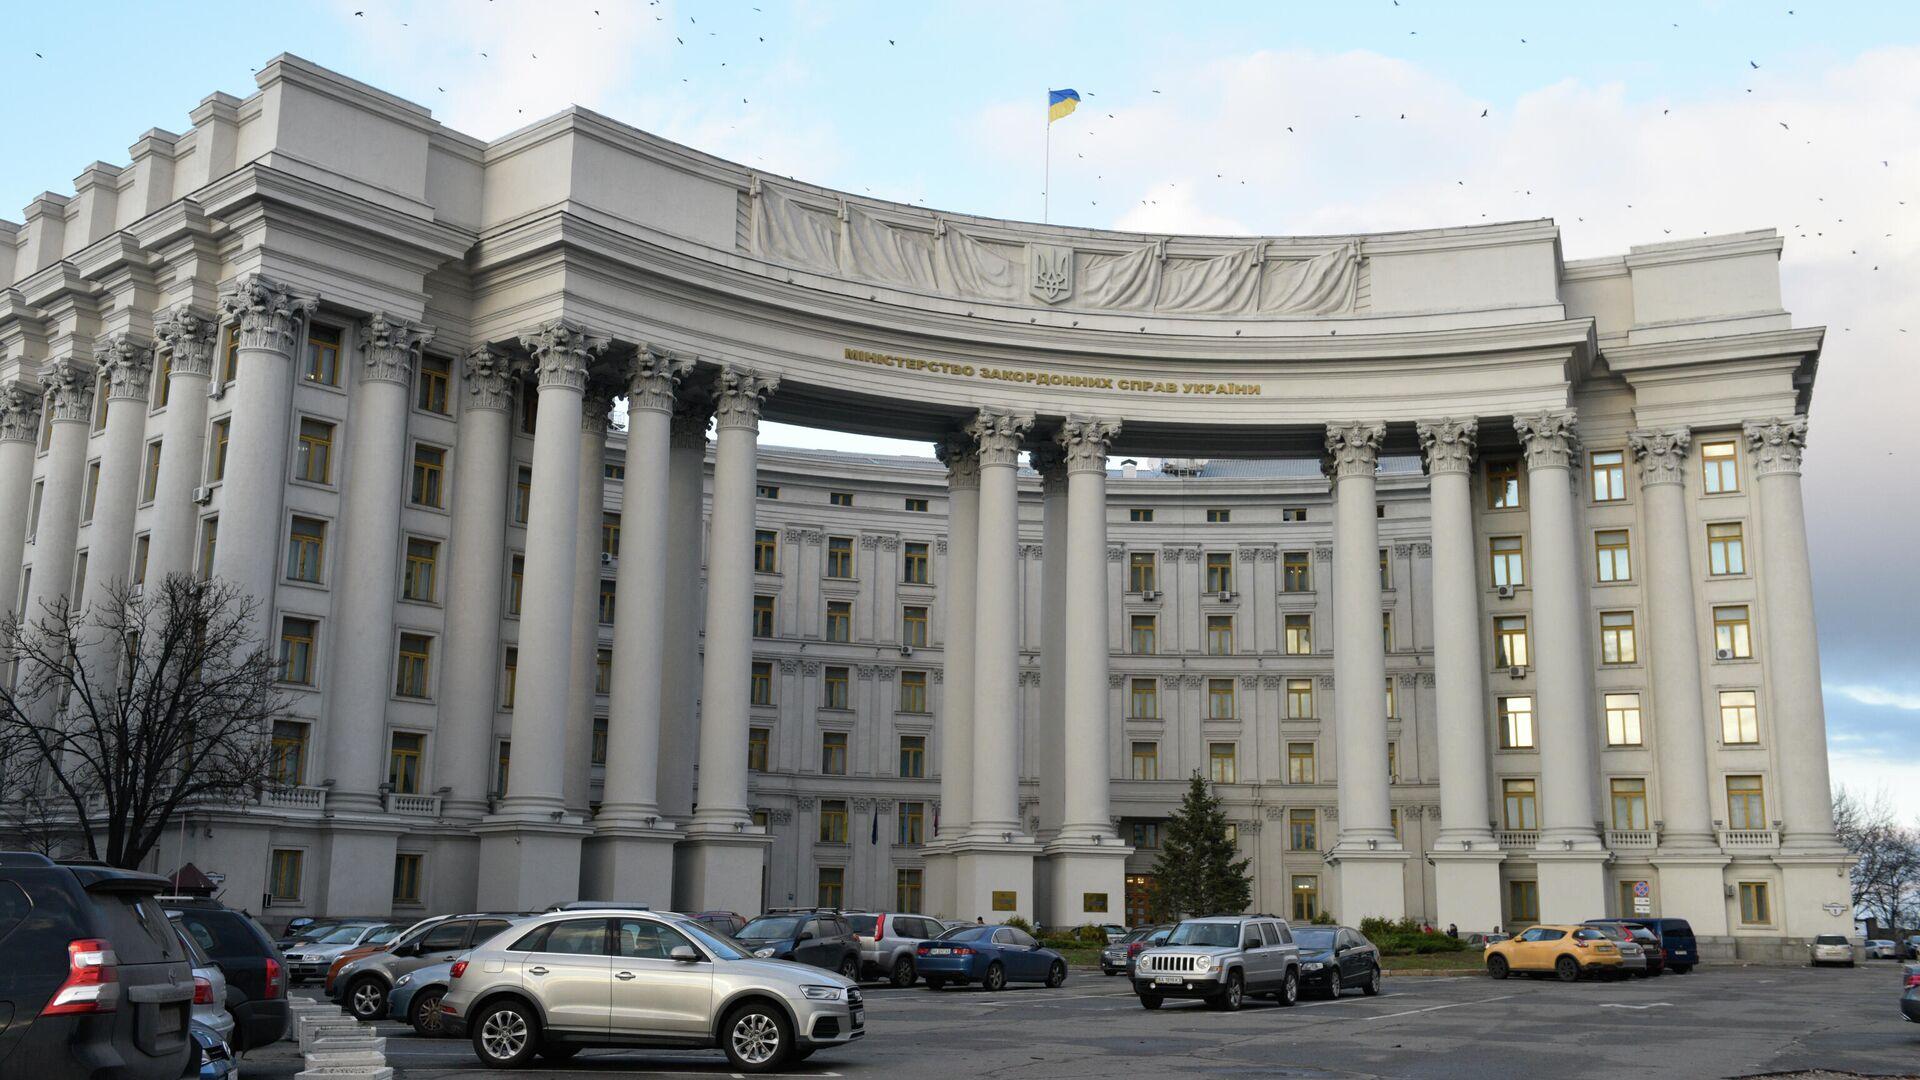 Здание министерства иностранных дел в Киеве. - РИА Новости, 1920, 21.07.2021